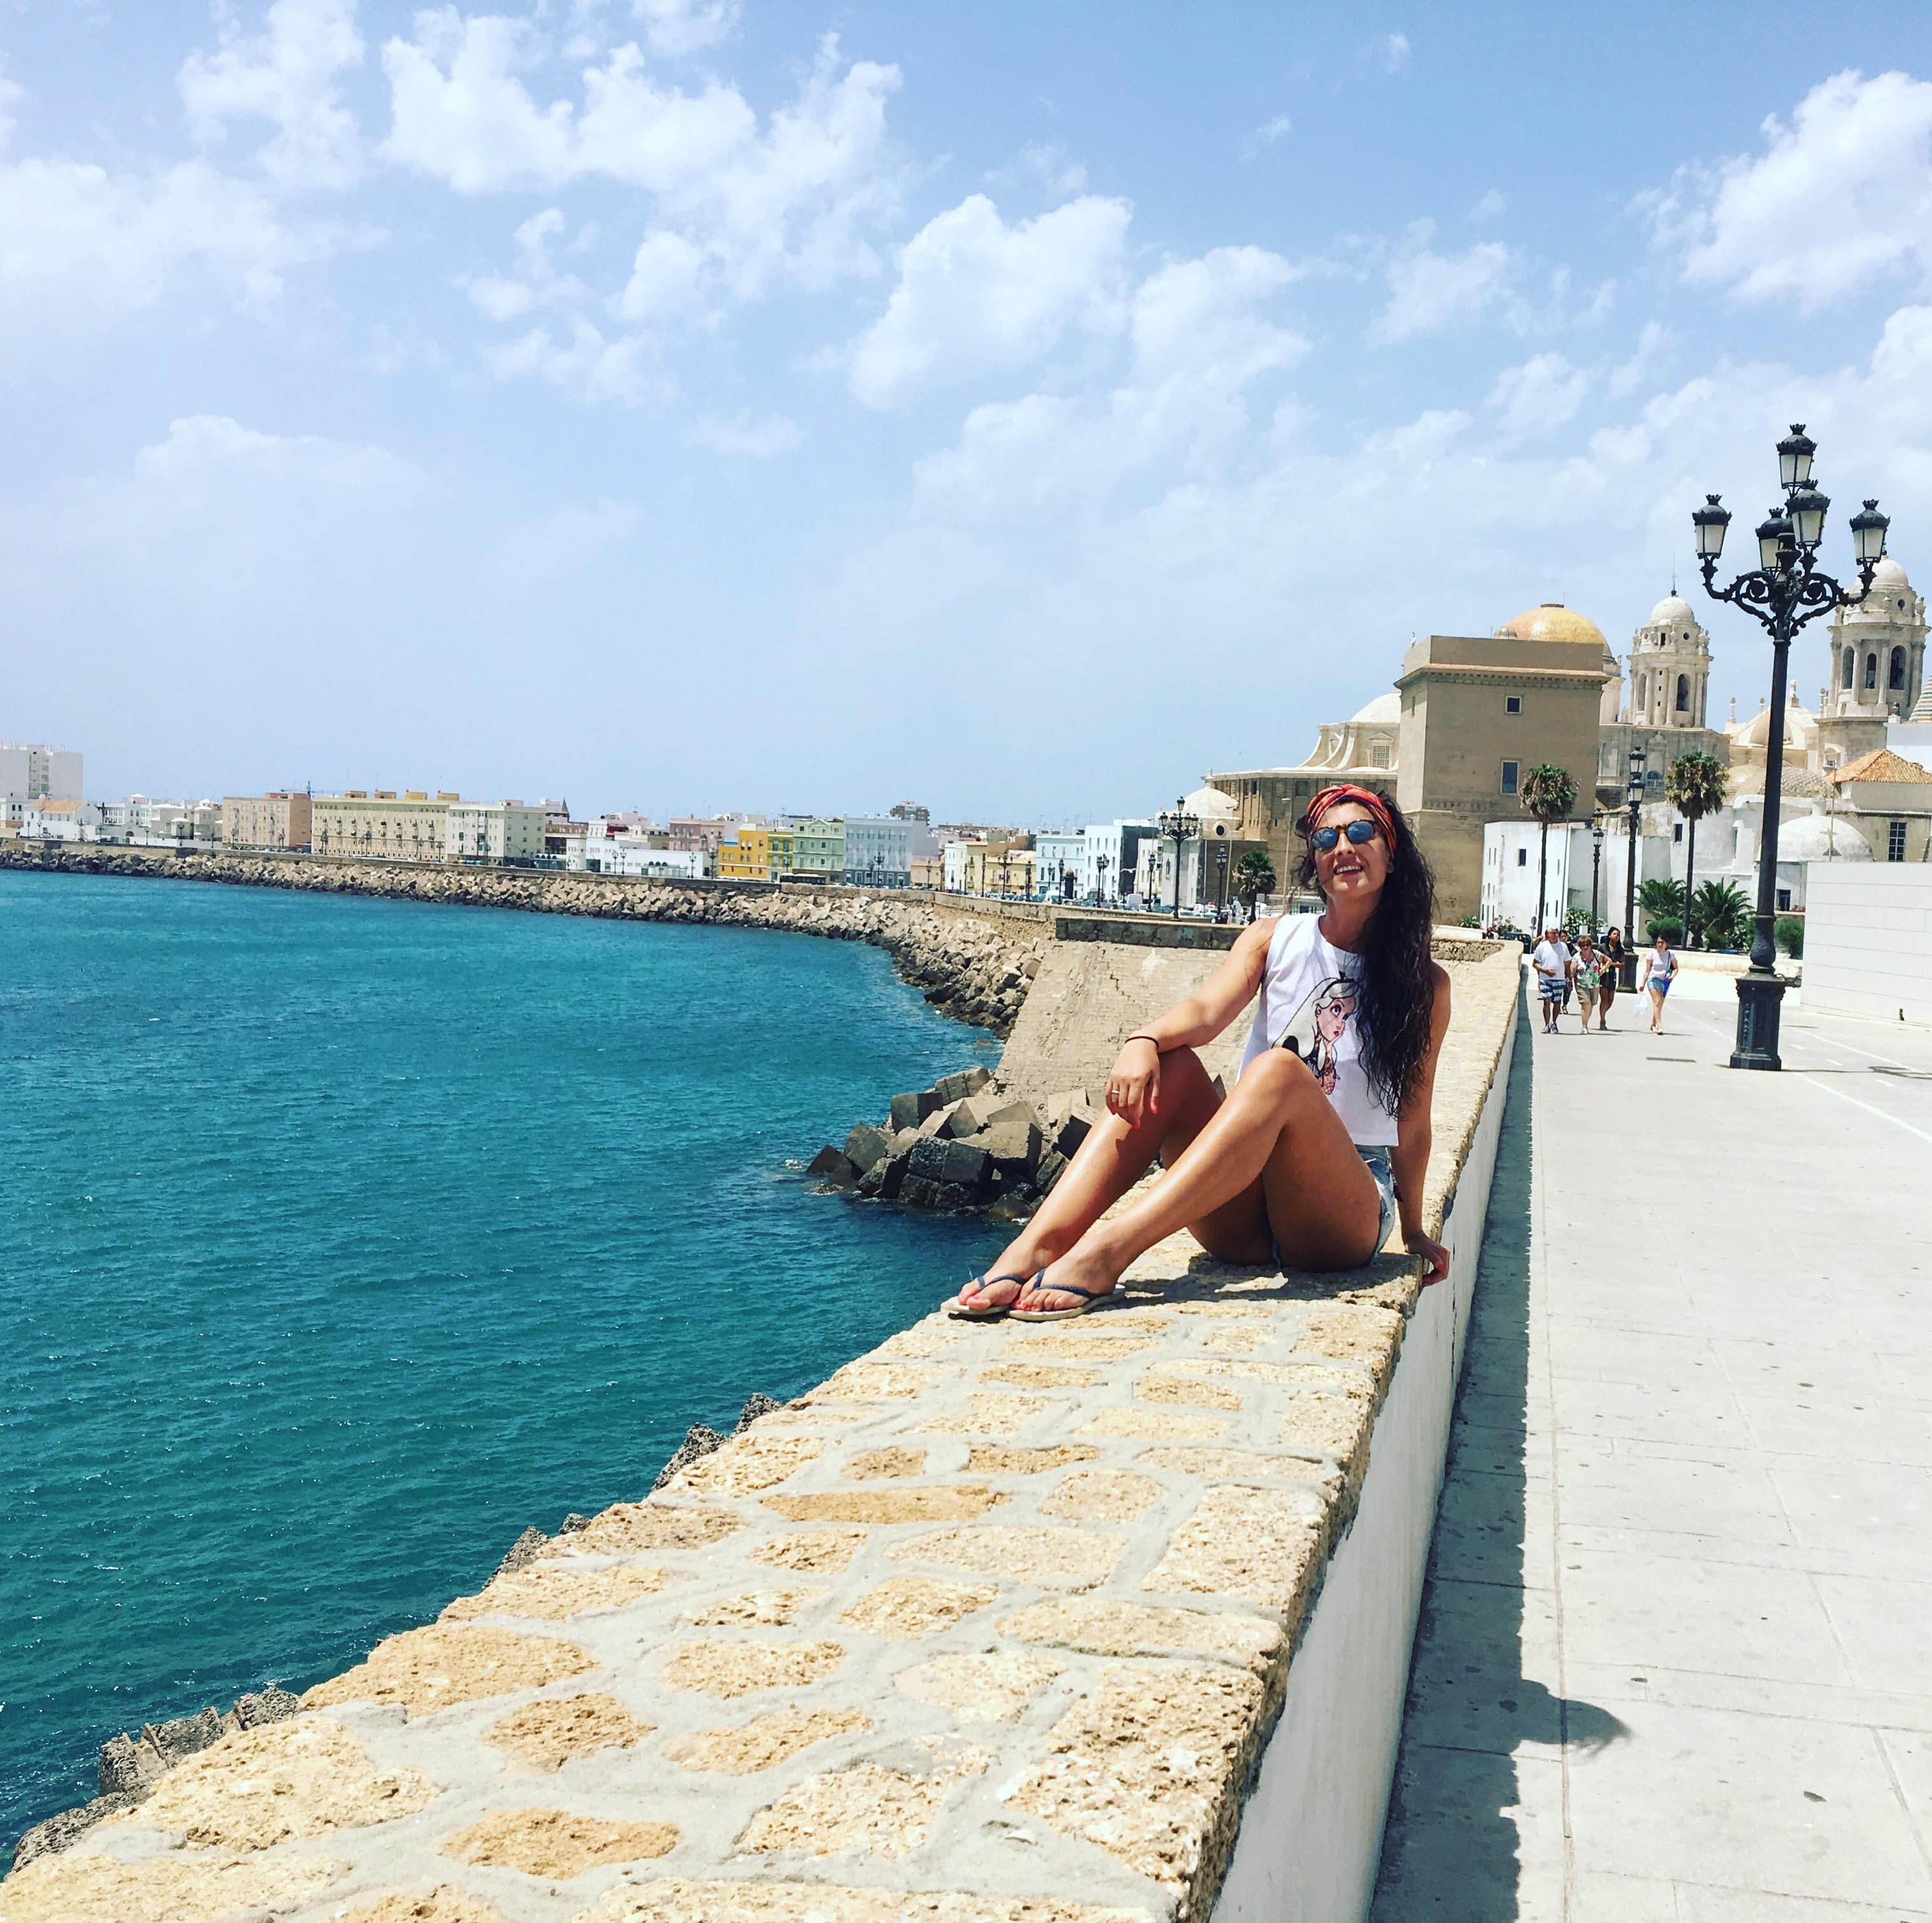 Irene sentada en un muro con el mar a un lado y la catedral de cadiz a otro